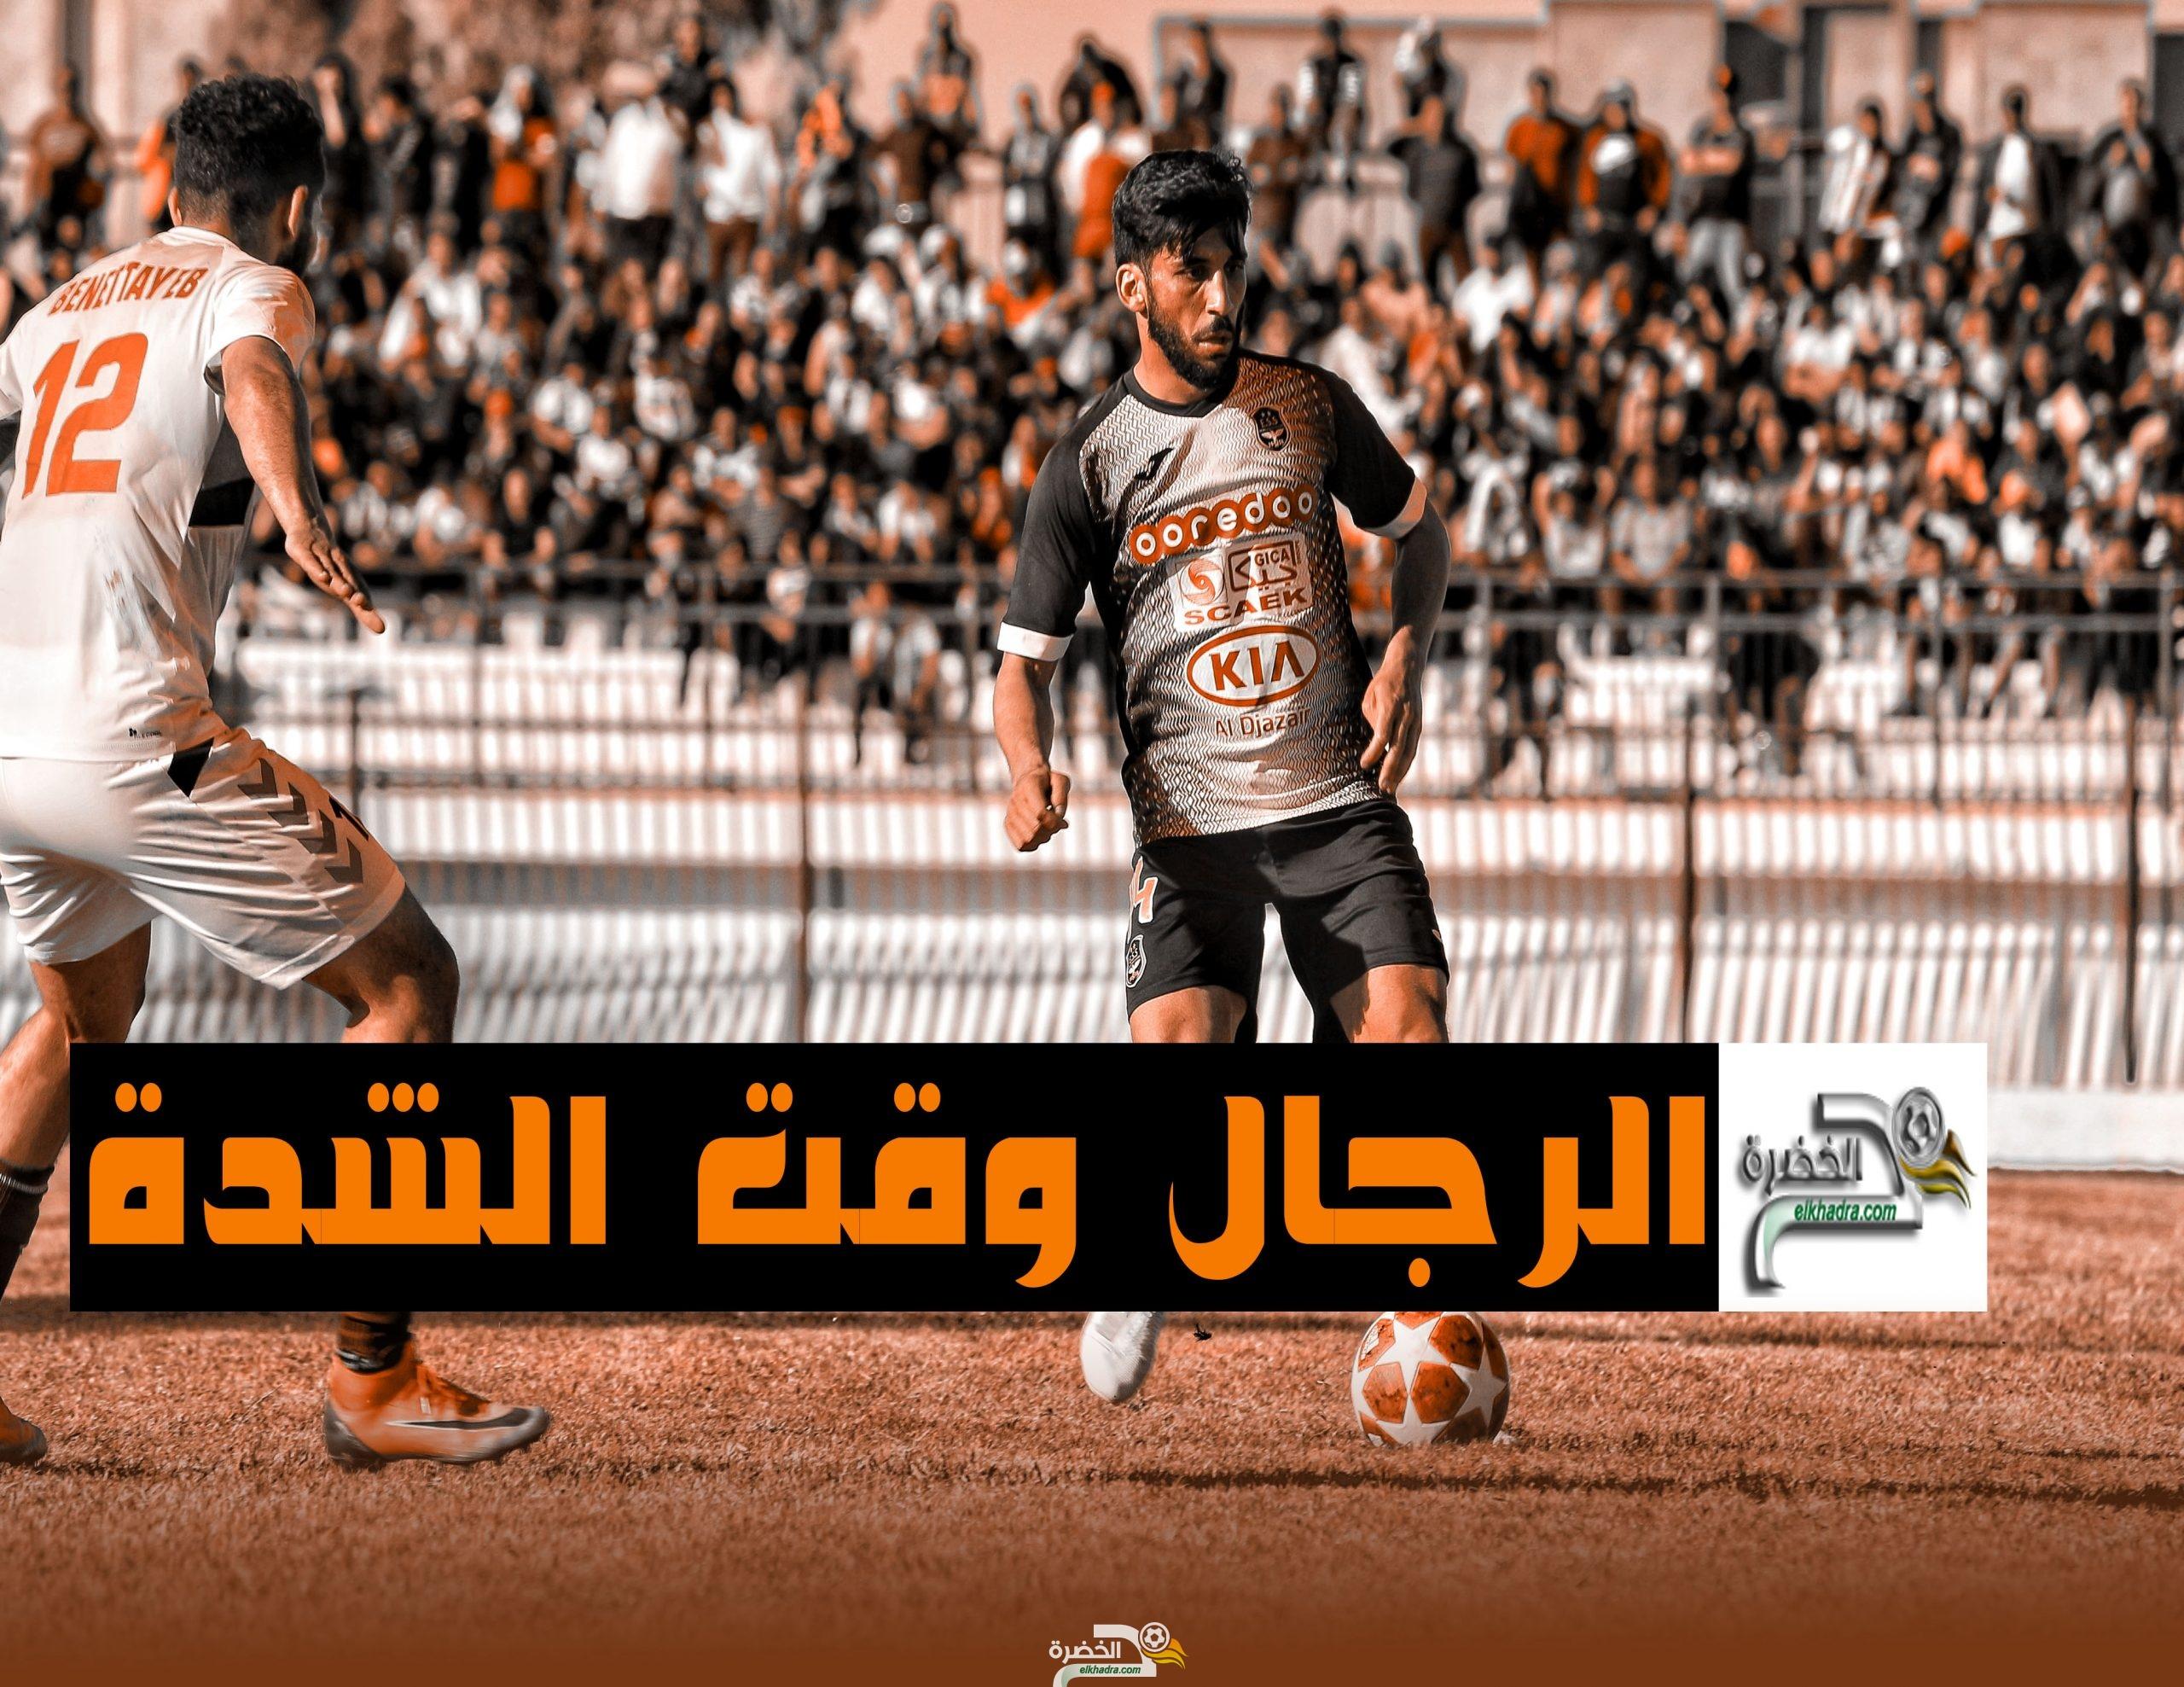 لاعب الوفاق يؤكد رغبته في التجديد وإنهاء مسيرته في فريق القلب 28